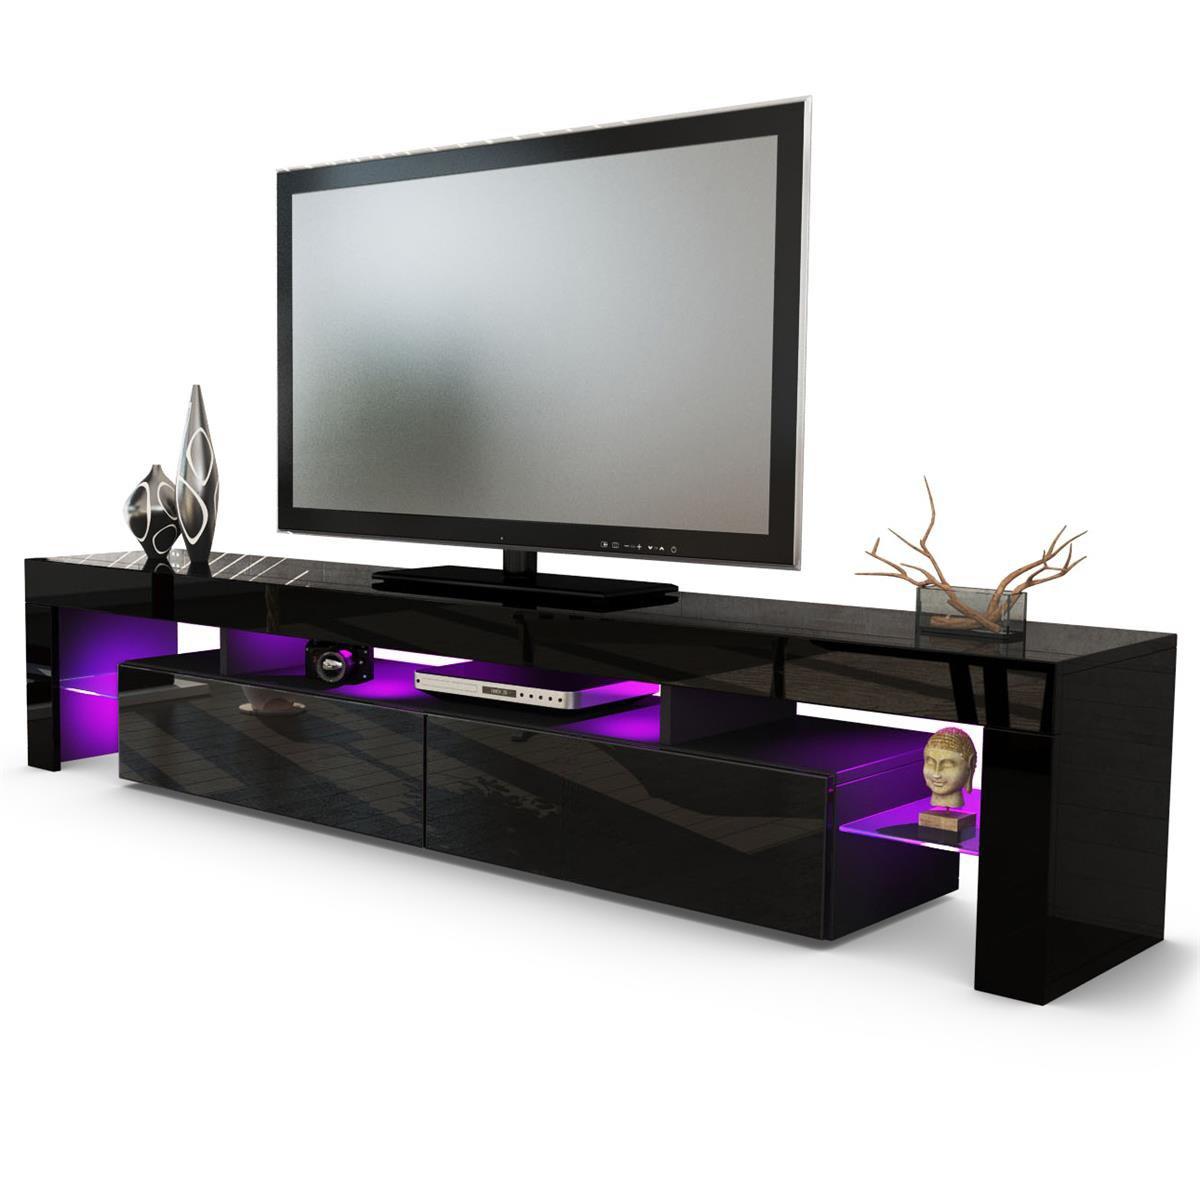 Helios 200 - Mueble de TV con Soporte para TV, Color Negro y Negro: Amazon.es: Electrónica